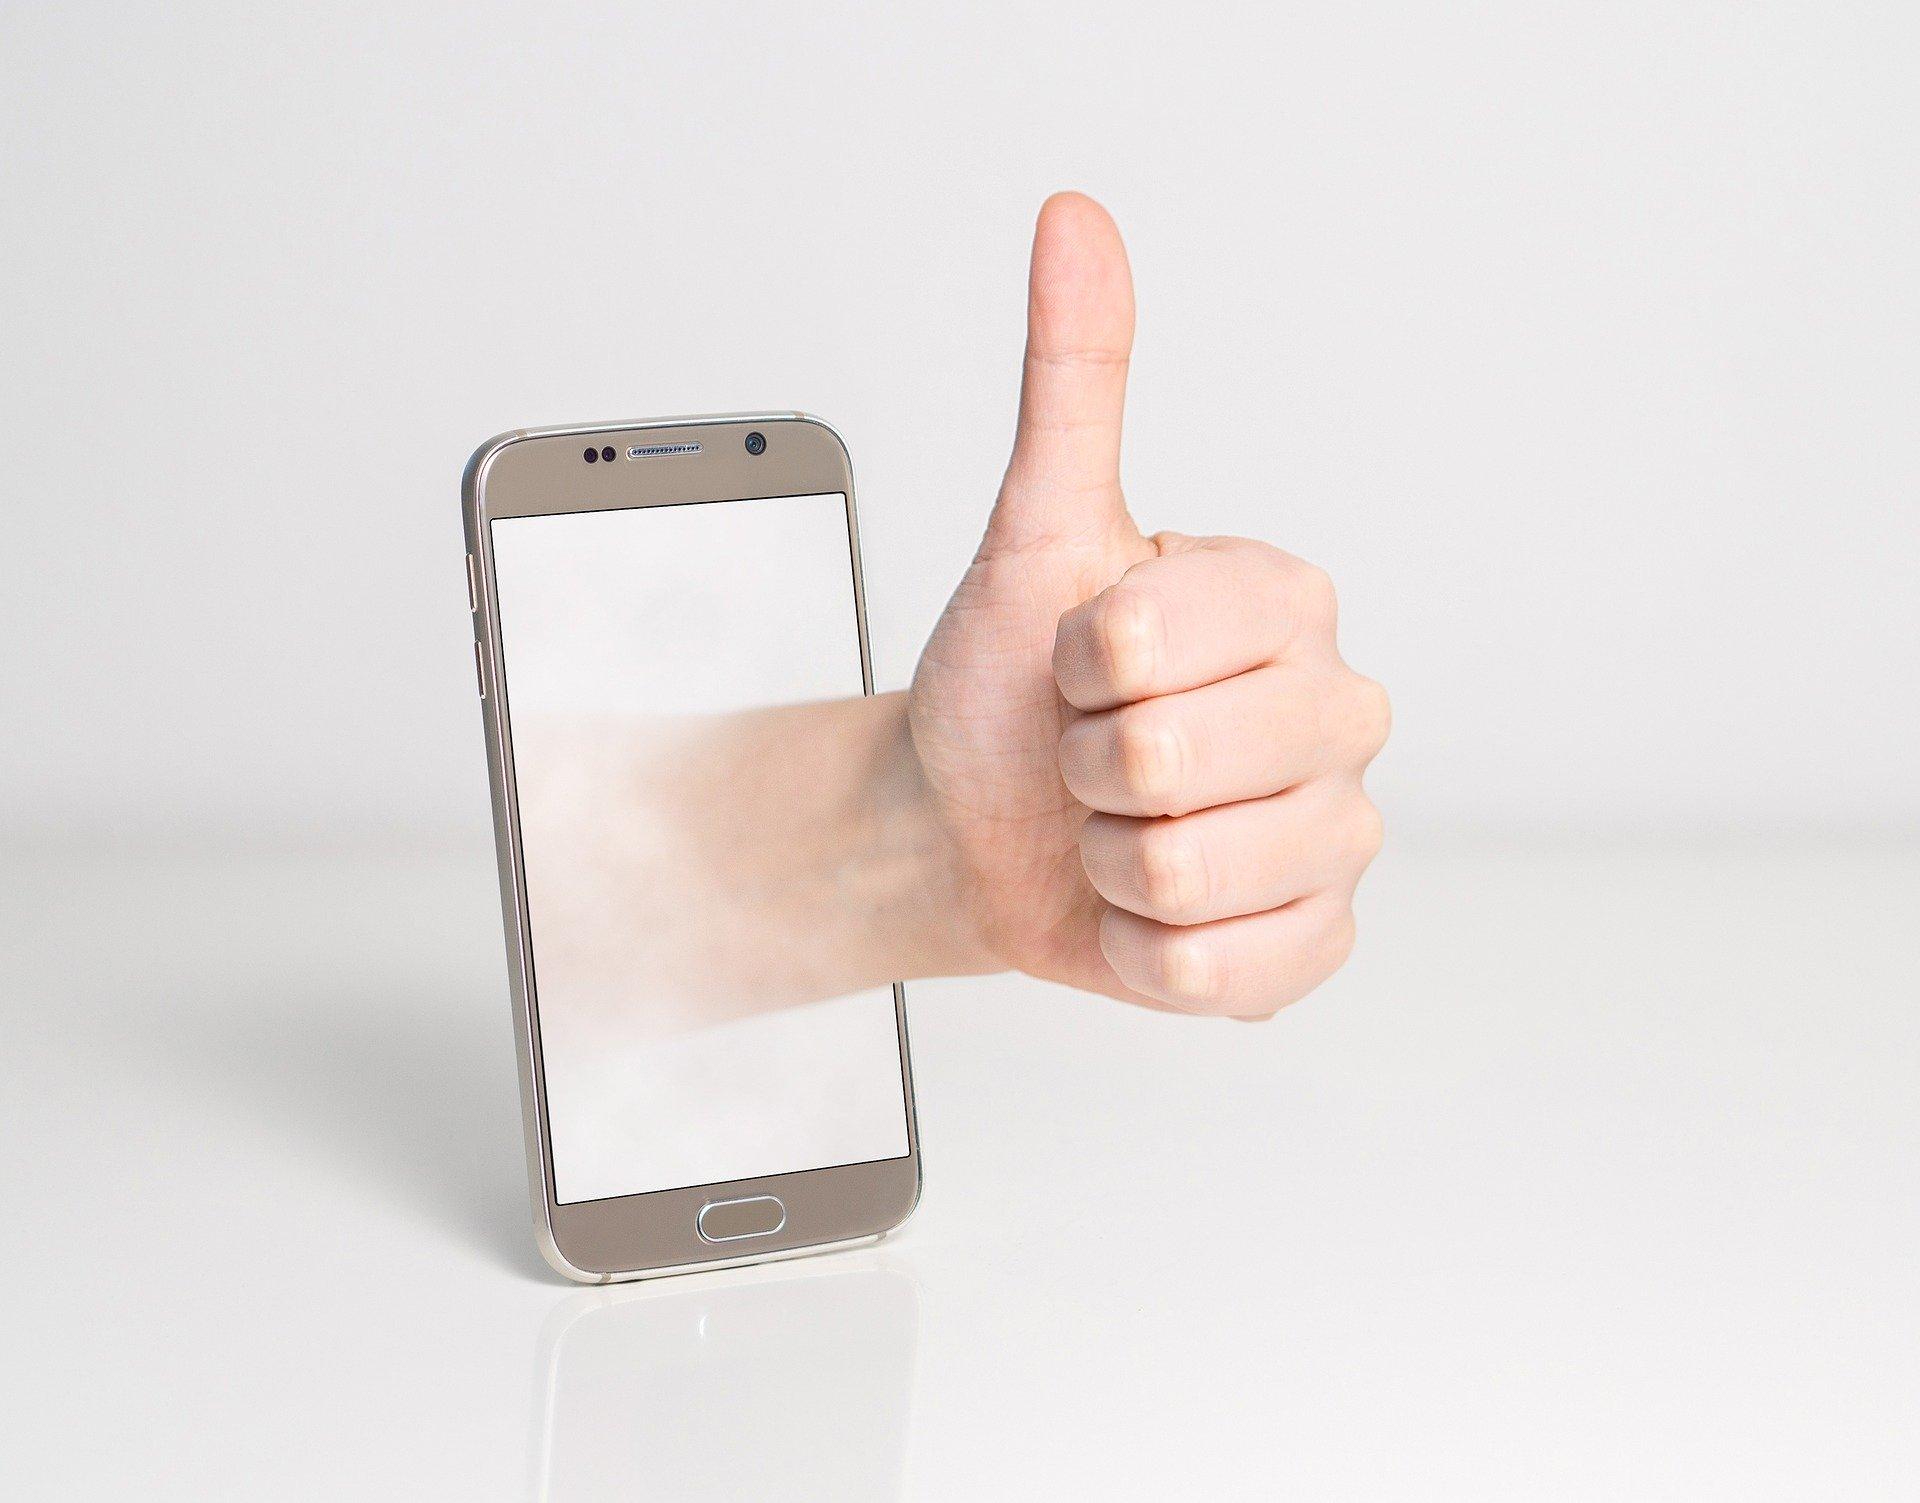 thumbs up 1999780 1920.jpg?resize=1200,630 - Espionnage: Facebook peut activer la caméra de votre smartphone à votre insu